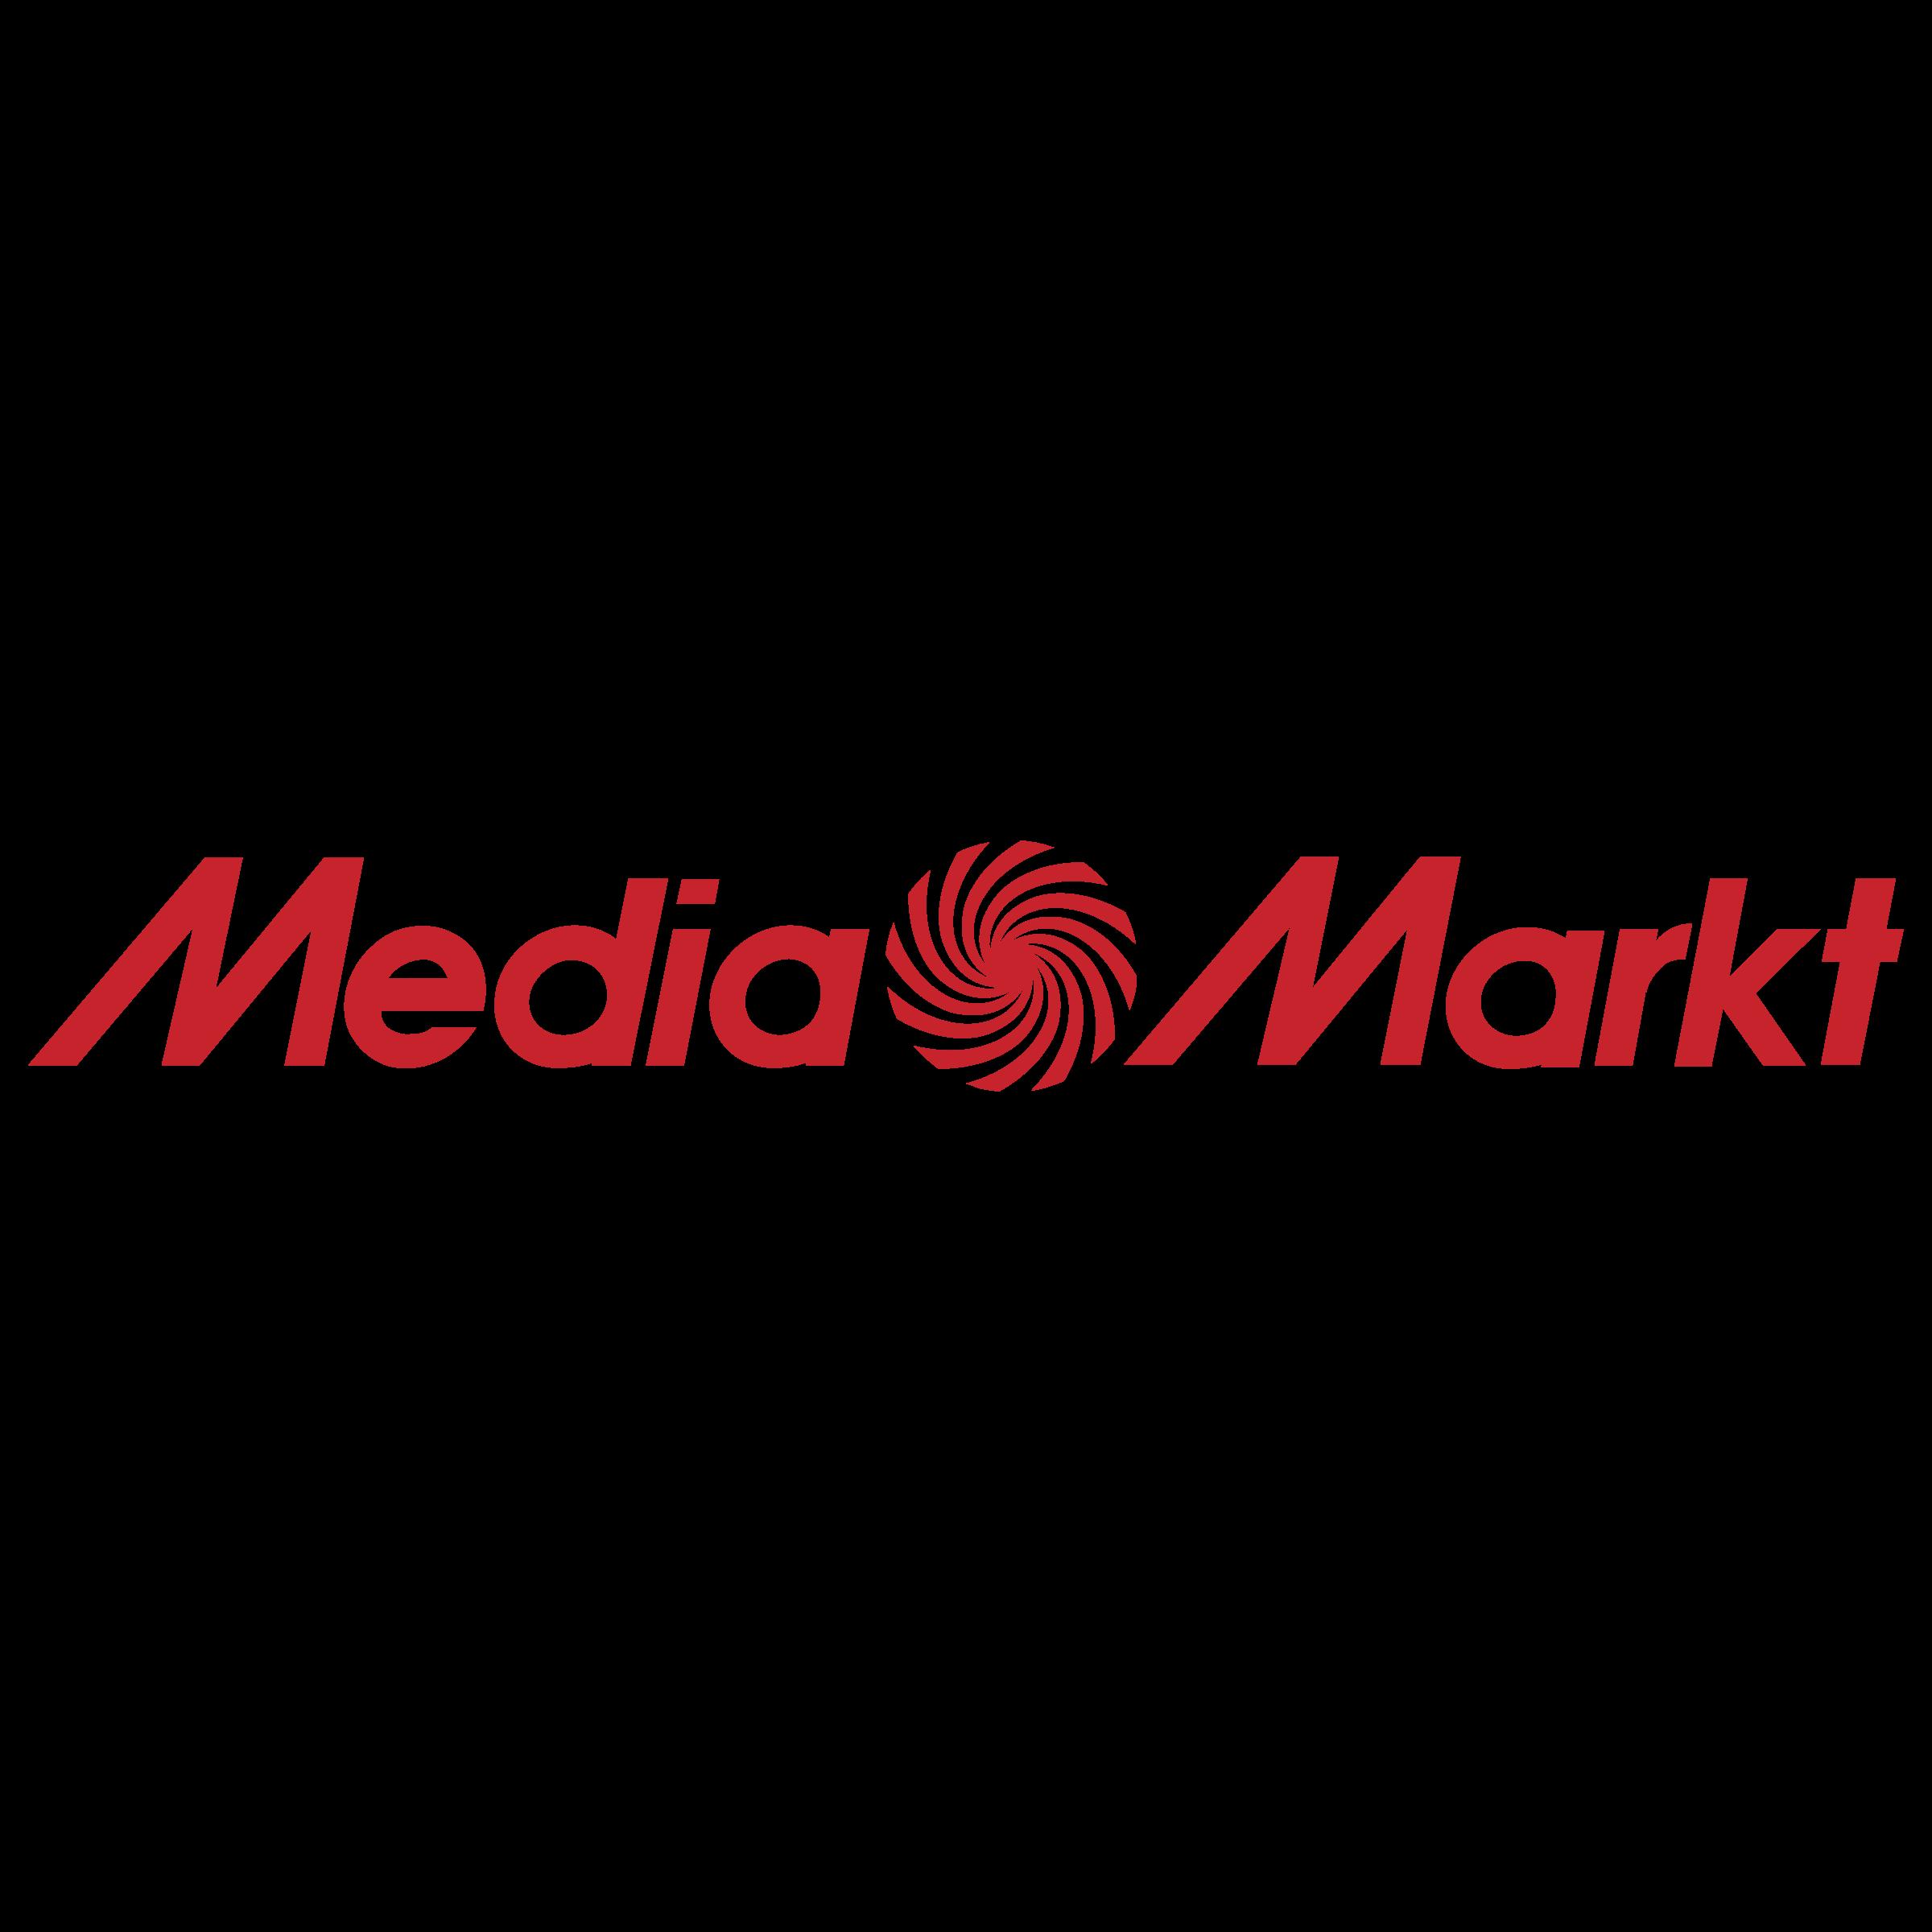 Media Markt Logo PNG Transparent & SVG Vector - Freebie Supply